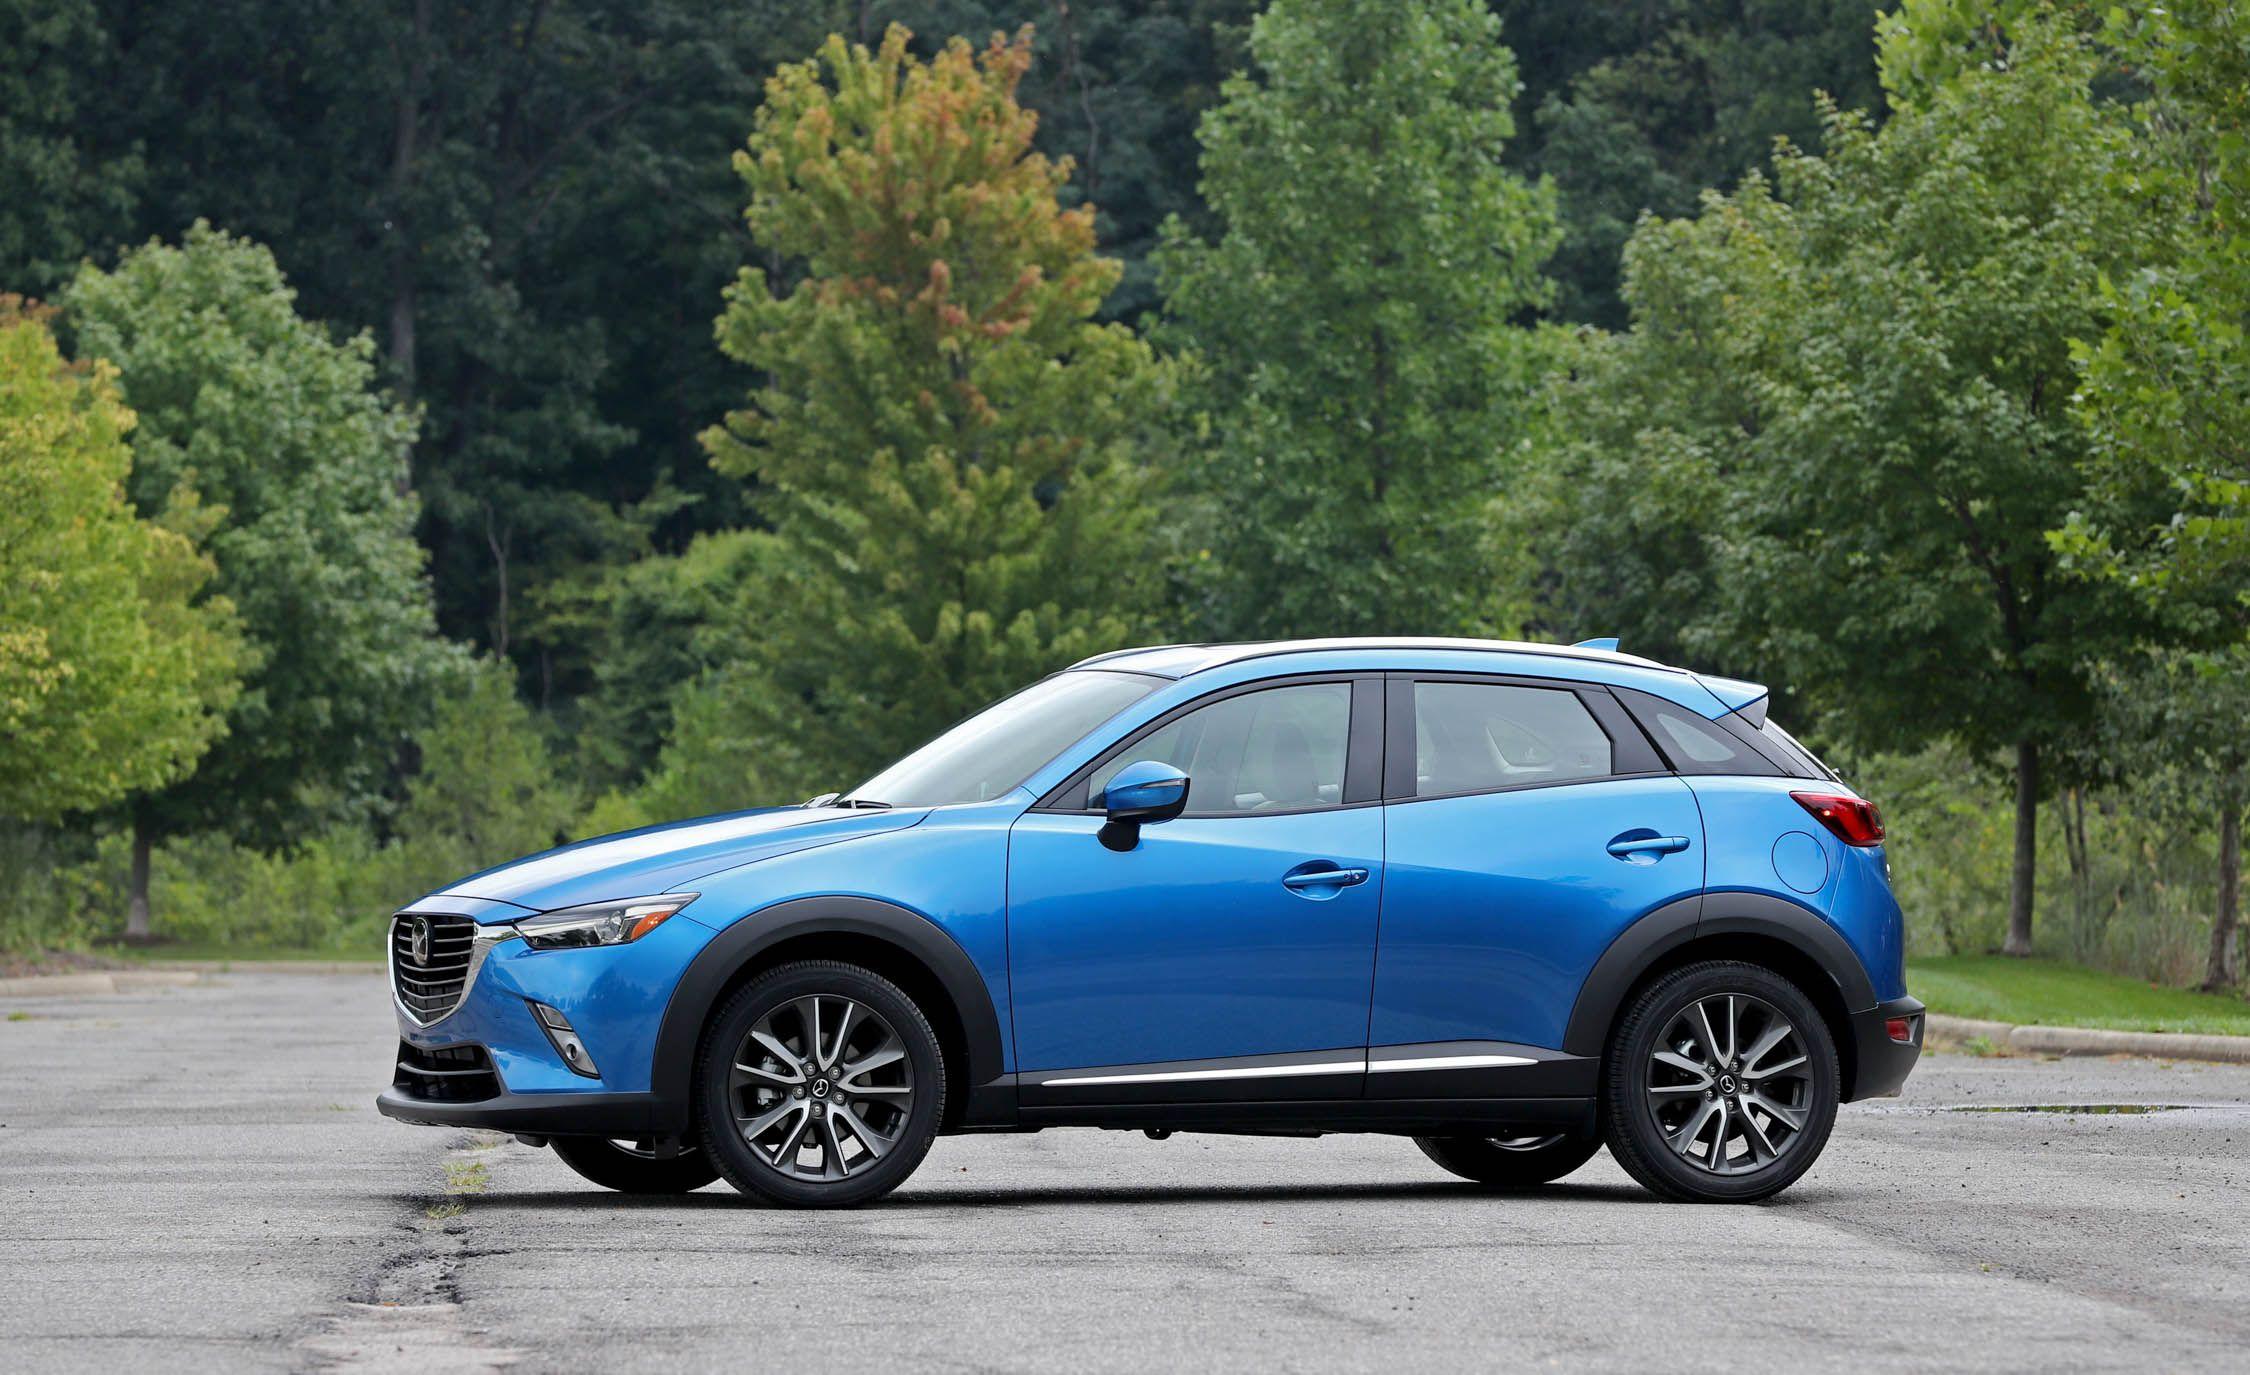 2019 mazda cx-3 reviews | mazda cx-3 price, photos, and specs | car